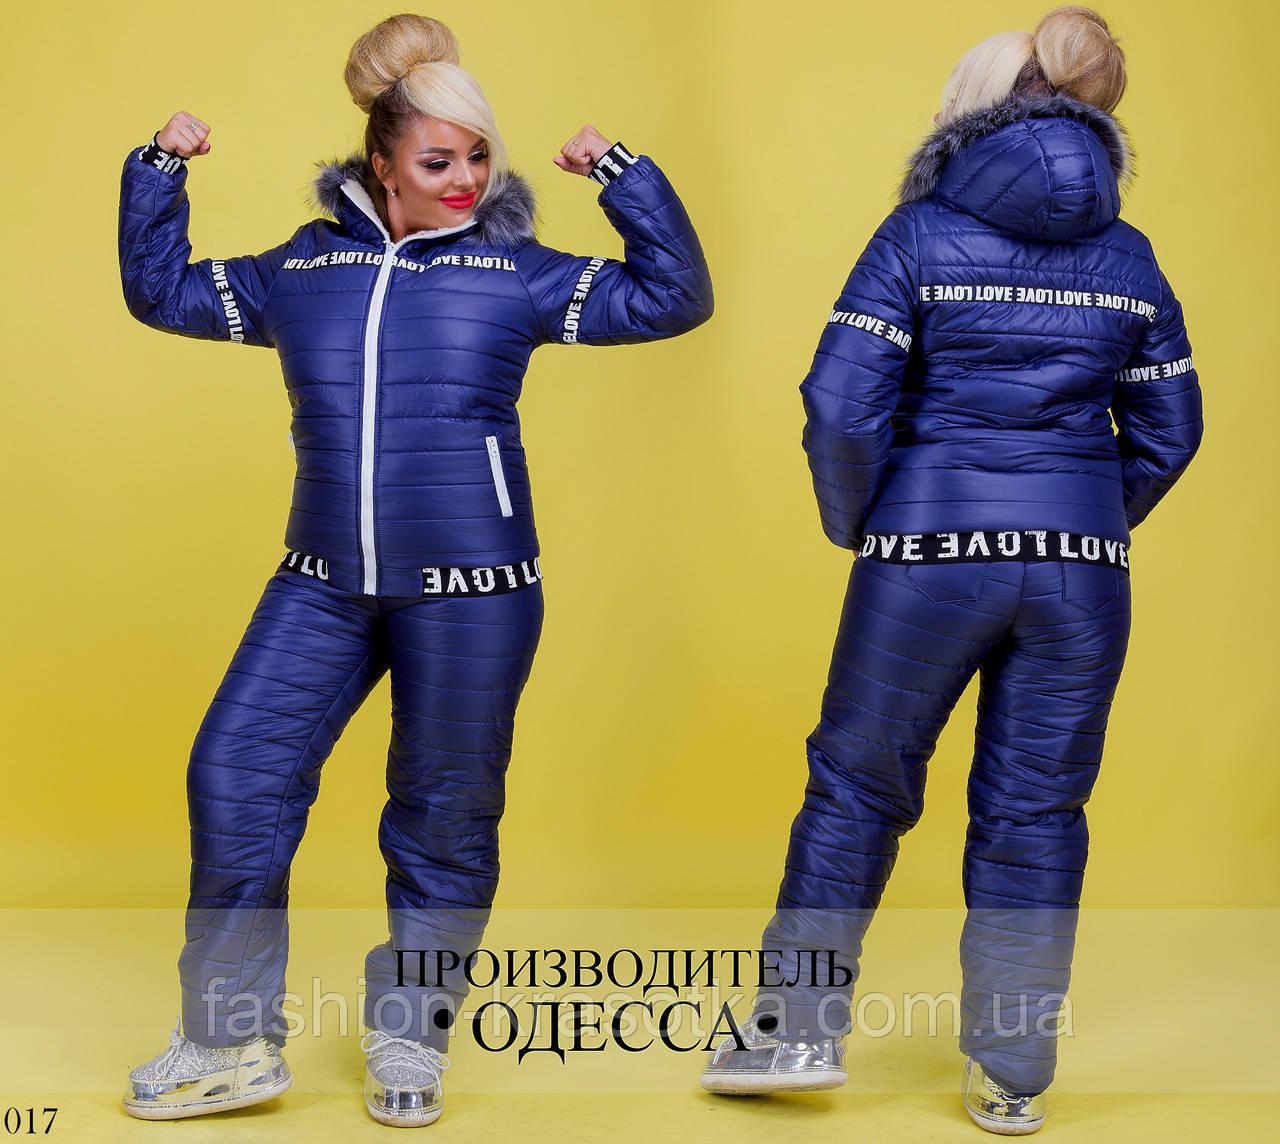 Костюм теплый женский:куртка и штаны,размеры:48,50,52,54.